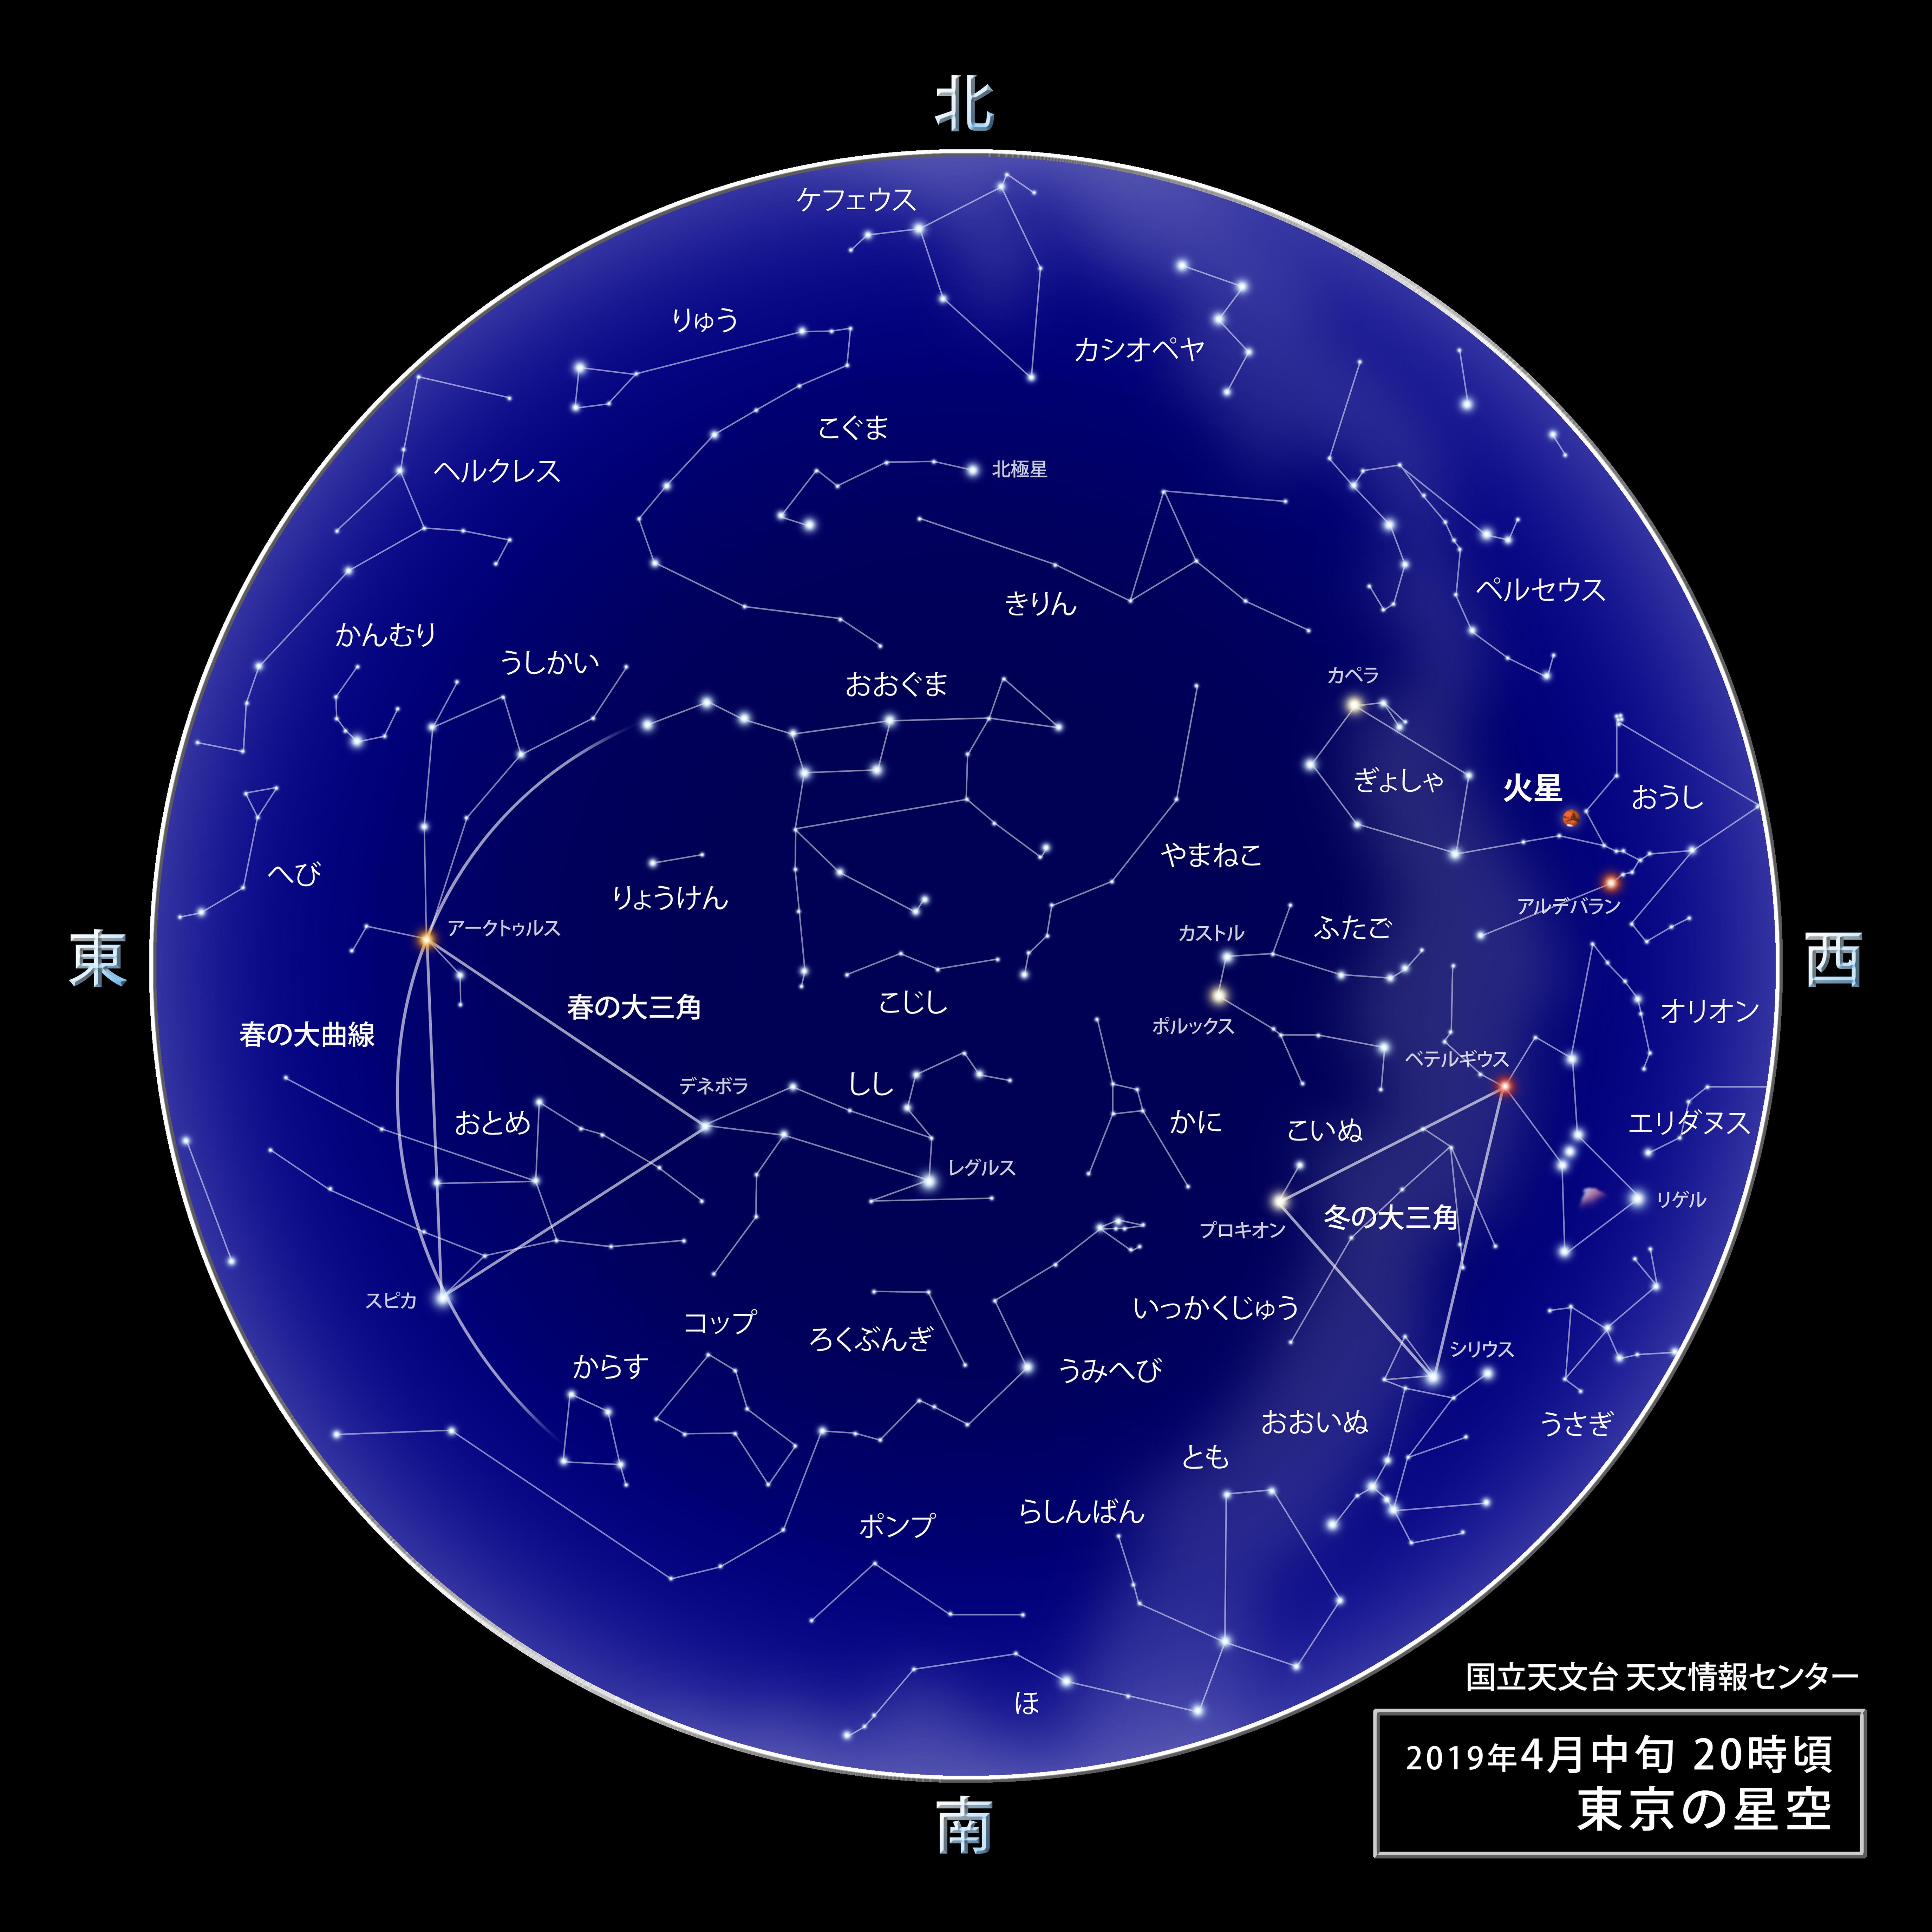 東京の星空・カレンダー・惑星(2019年4月) | 国立天文台(NAOJ)